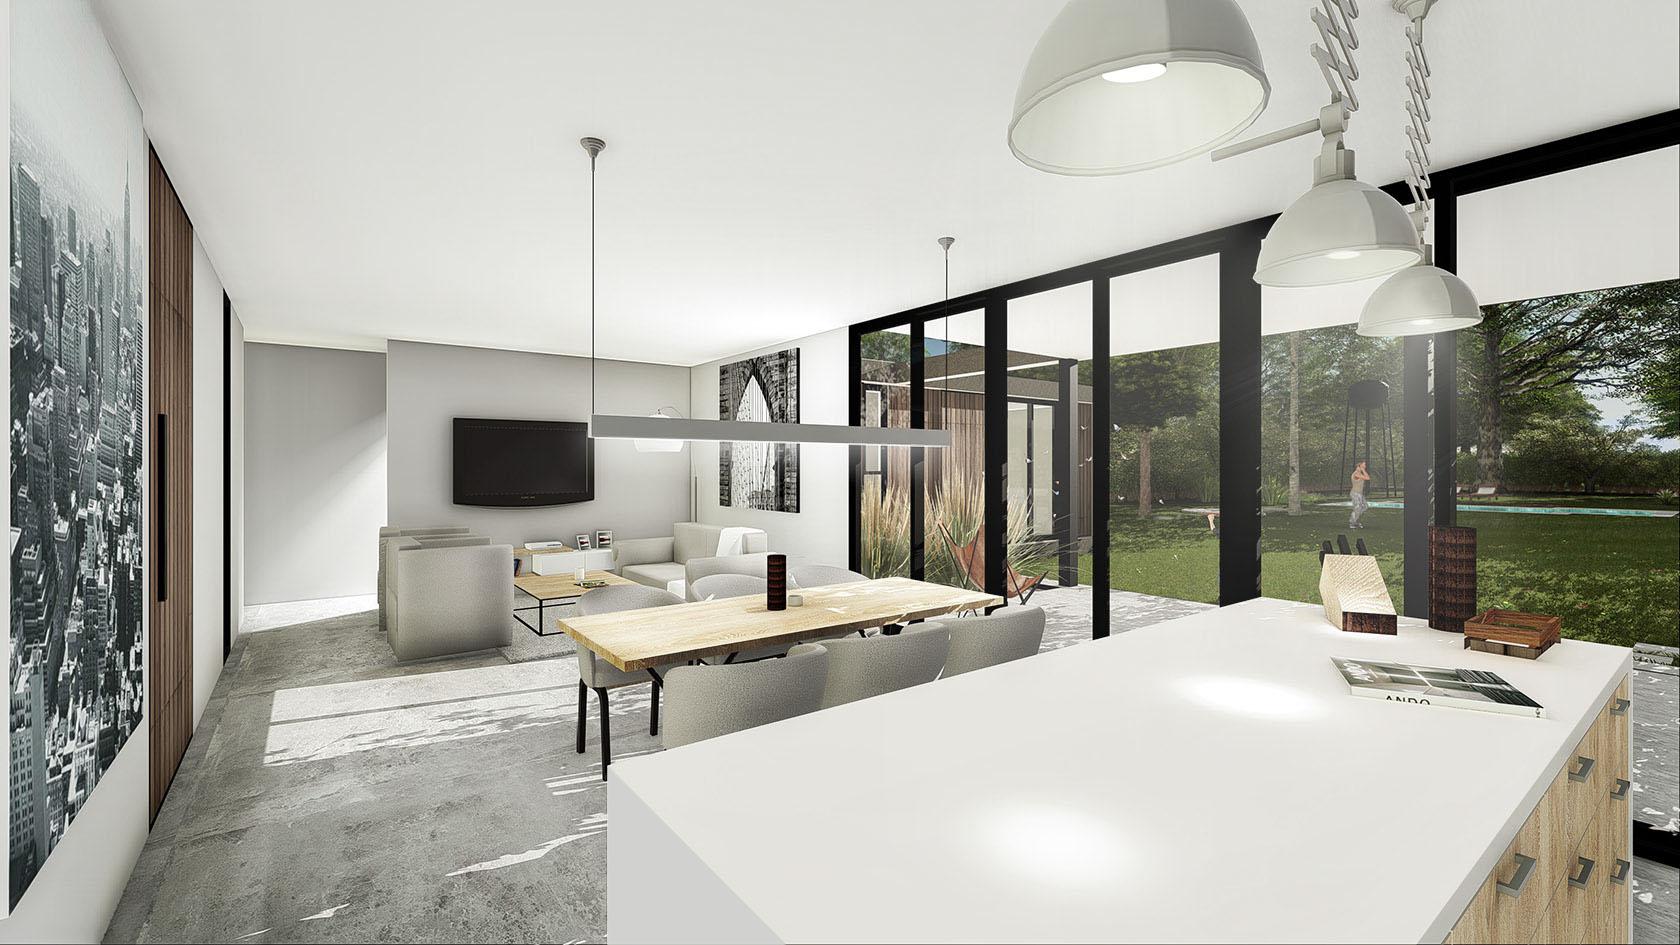 Diseño interior en casas, solados de cemento alisado a la vista, integración del paisaje en casas modernas